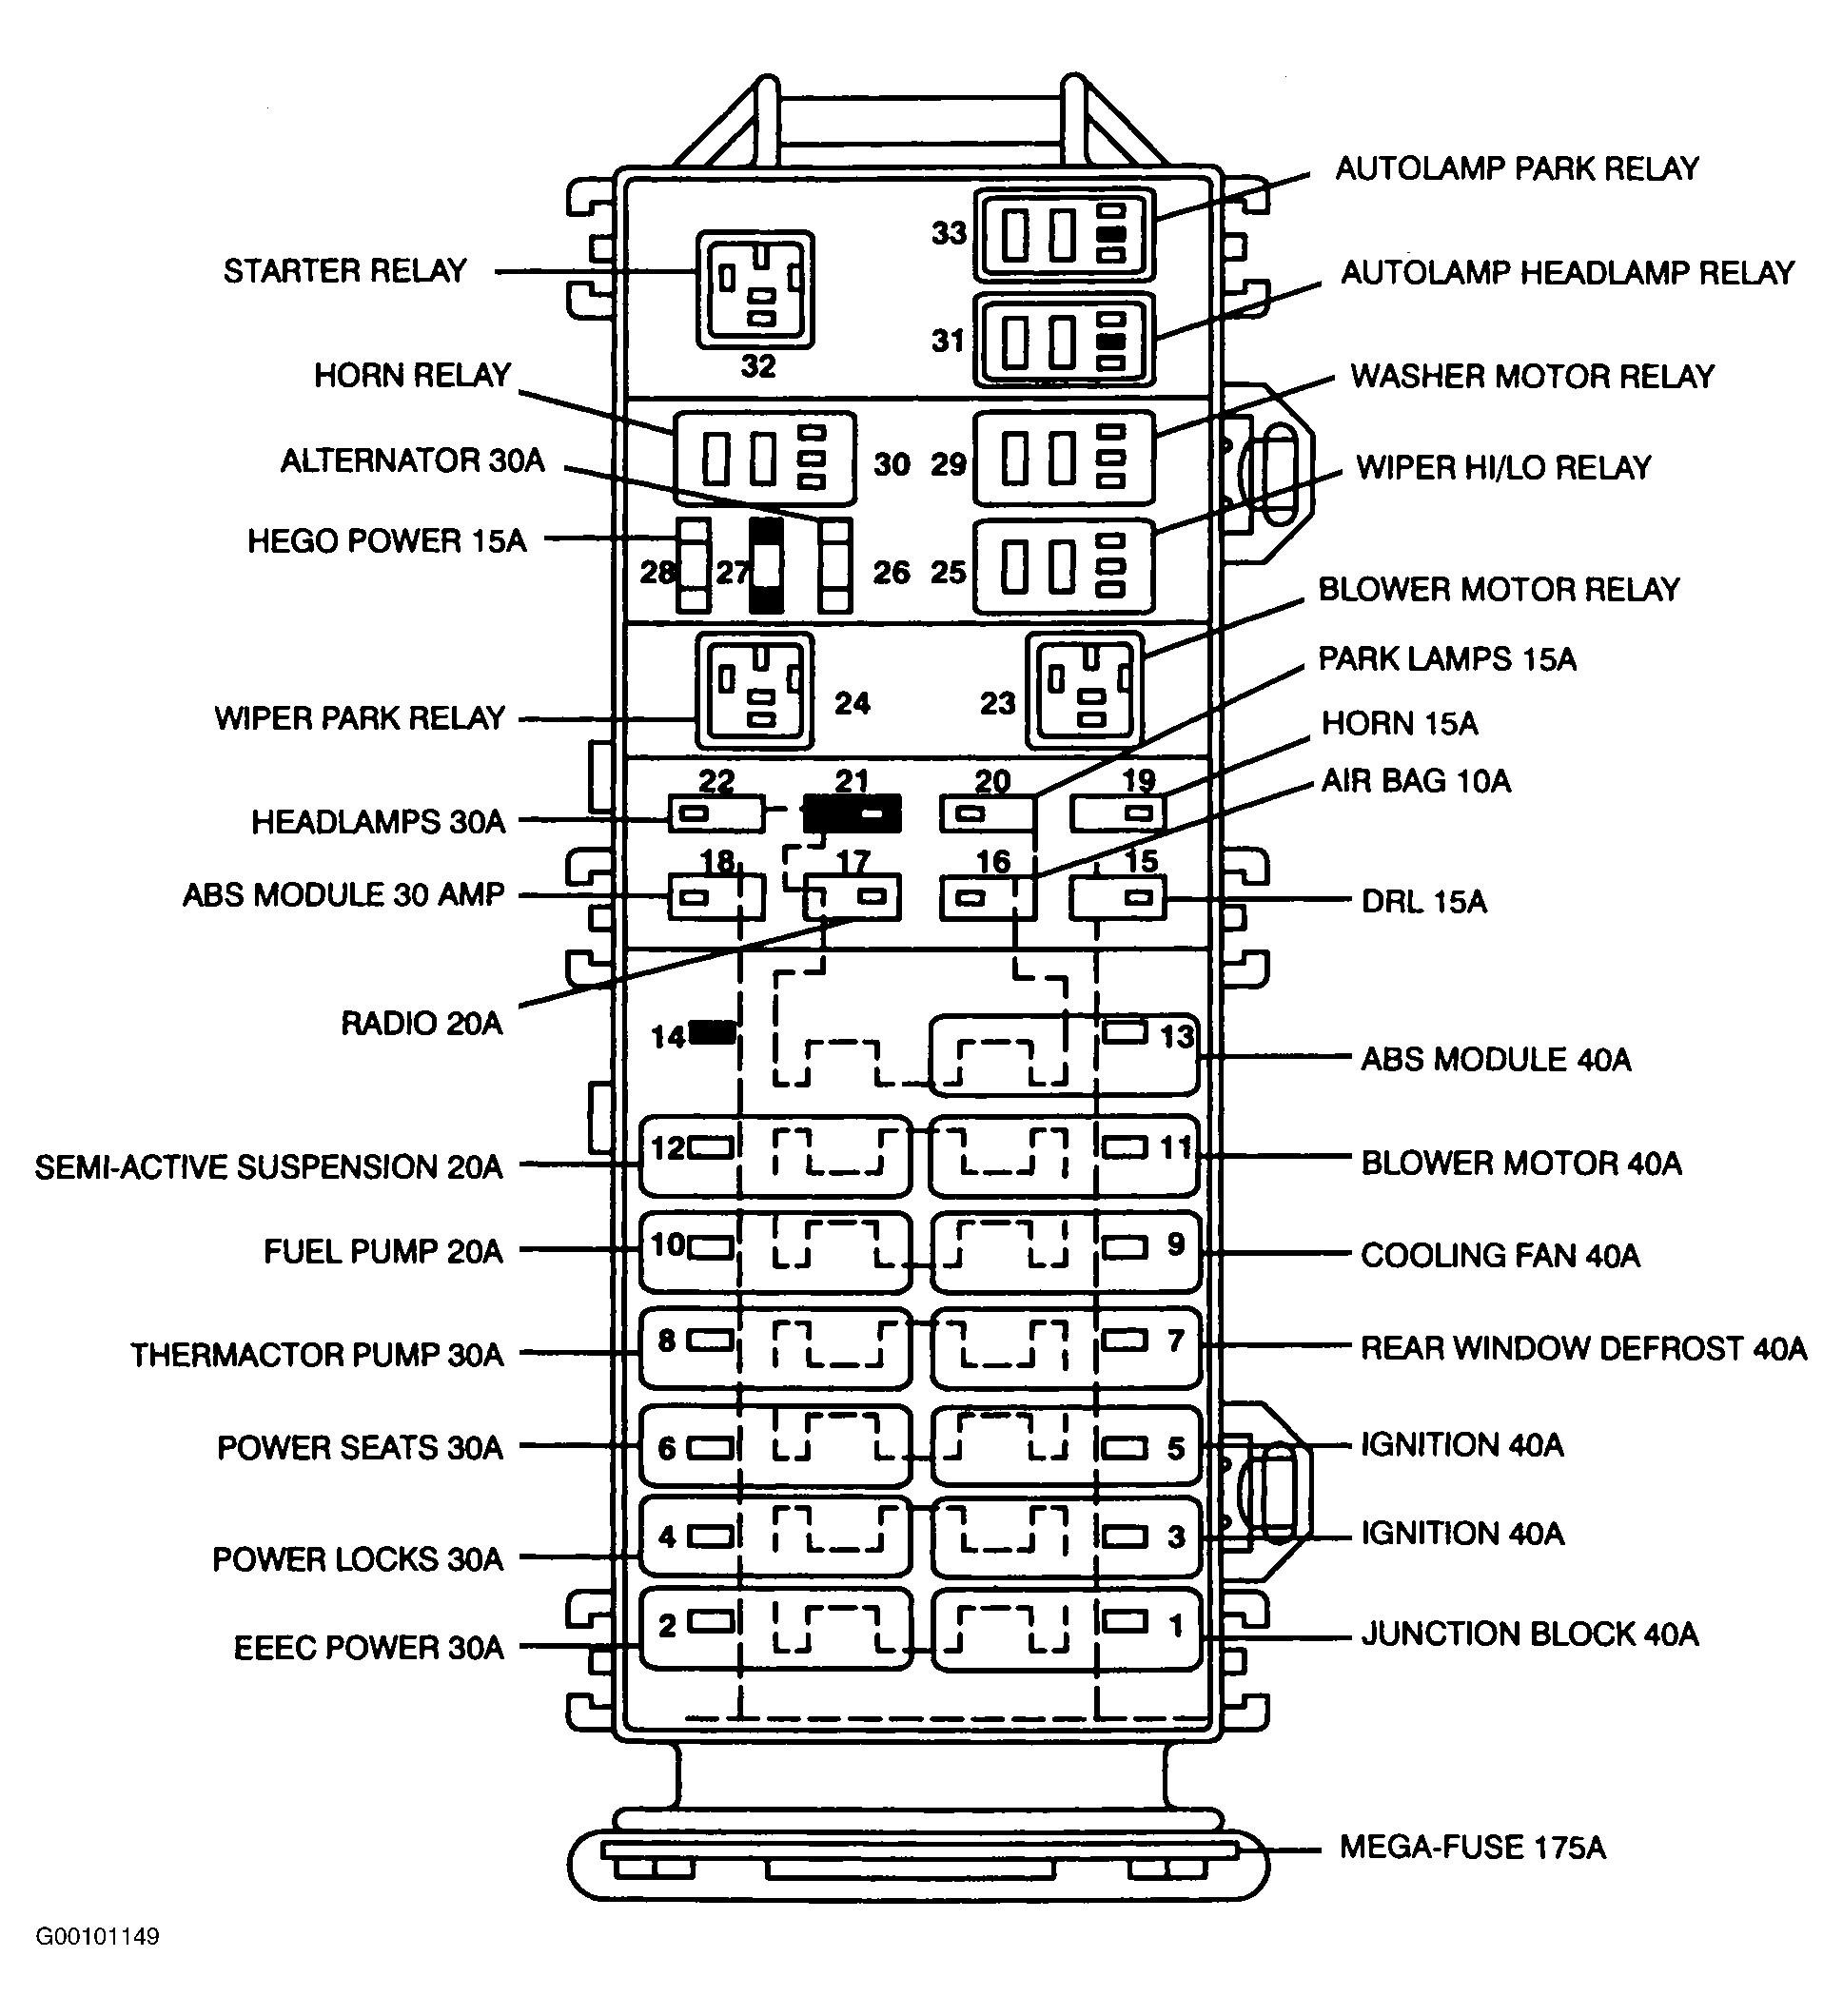 1996 Mercury Sable Engine Diagram 96 ford Taurus Fuse Diagram Wiring Diagram Go Of 1996 Mercury Sable Engine Diagram